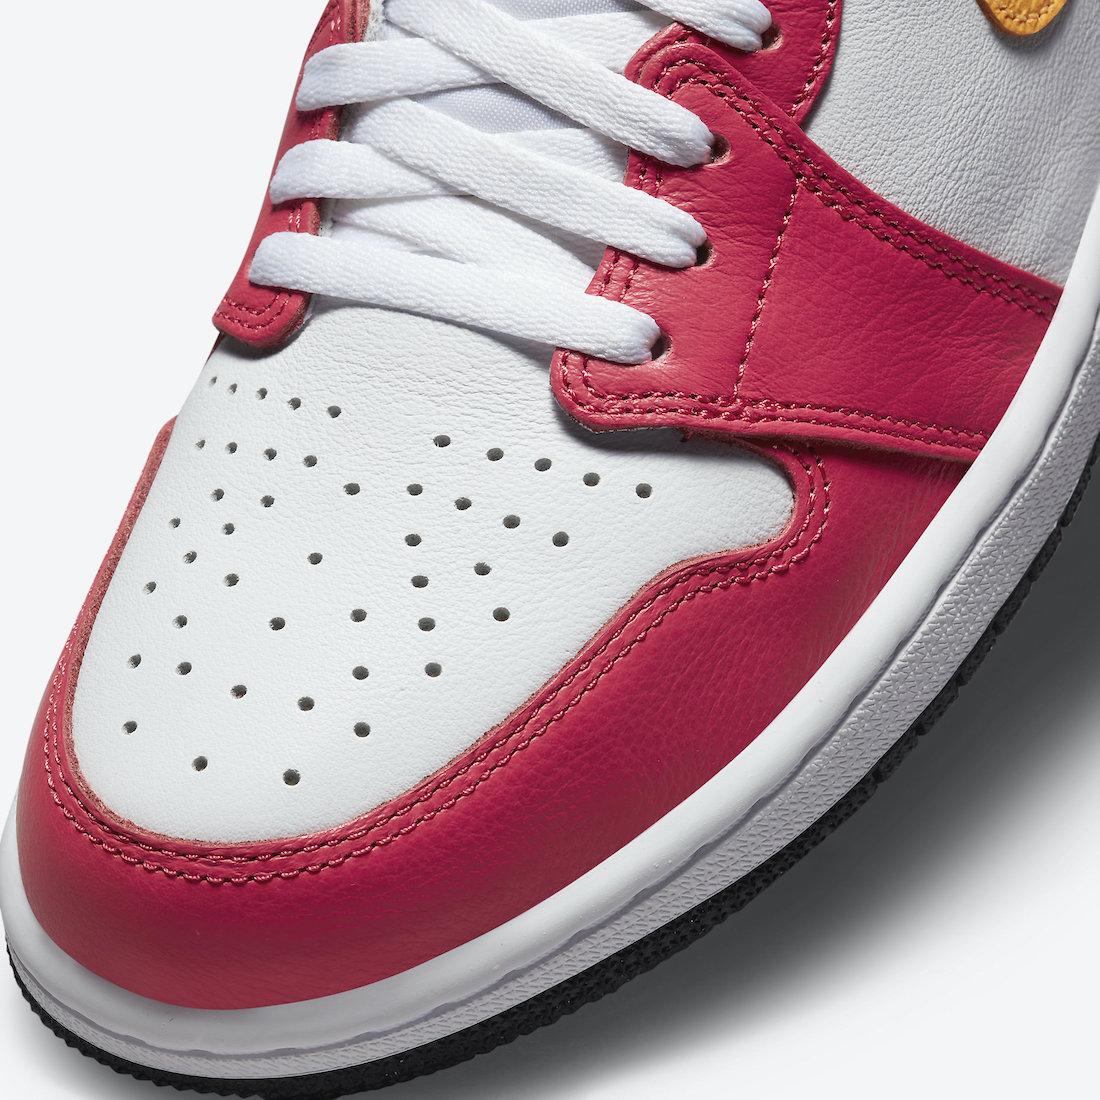 Air-Jordan-1-Fusion-Red-555088-603-Release-Date-6